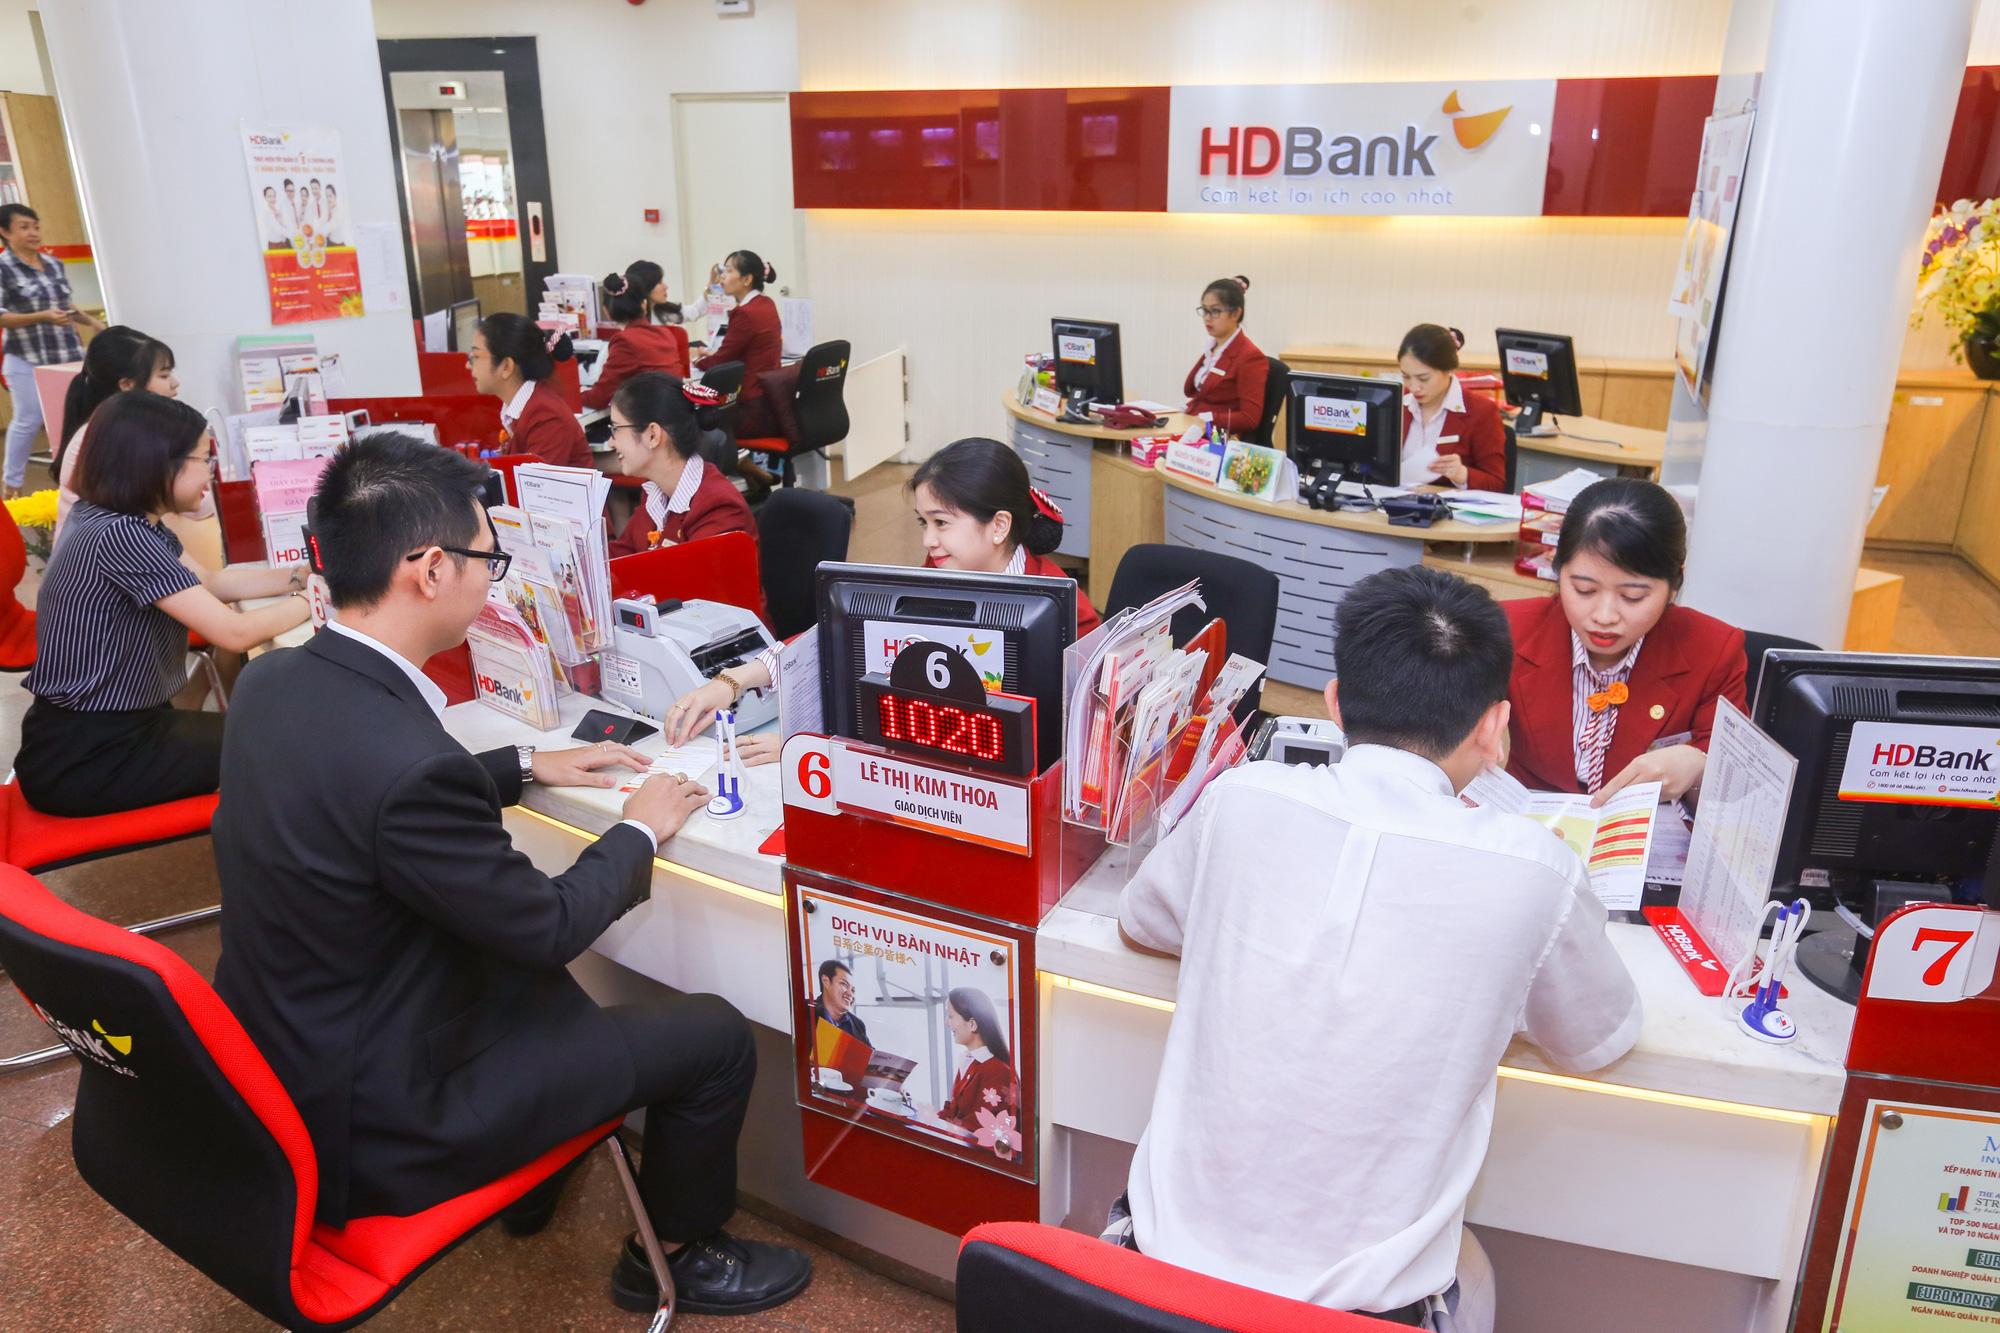 Lãi suất ngân hàng HDBank mới nhất tháng 2/2020 - Ảnh 1.